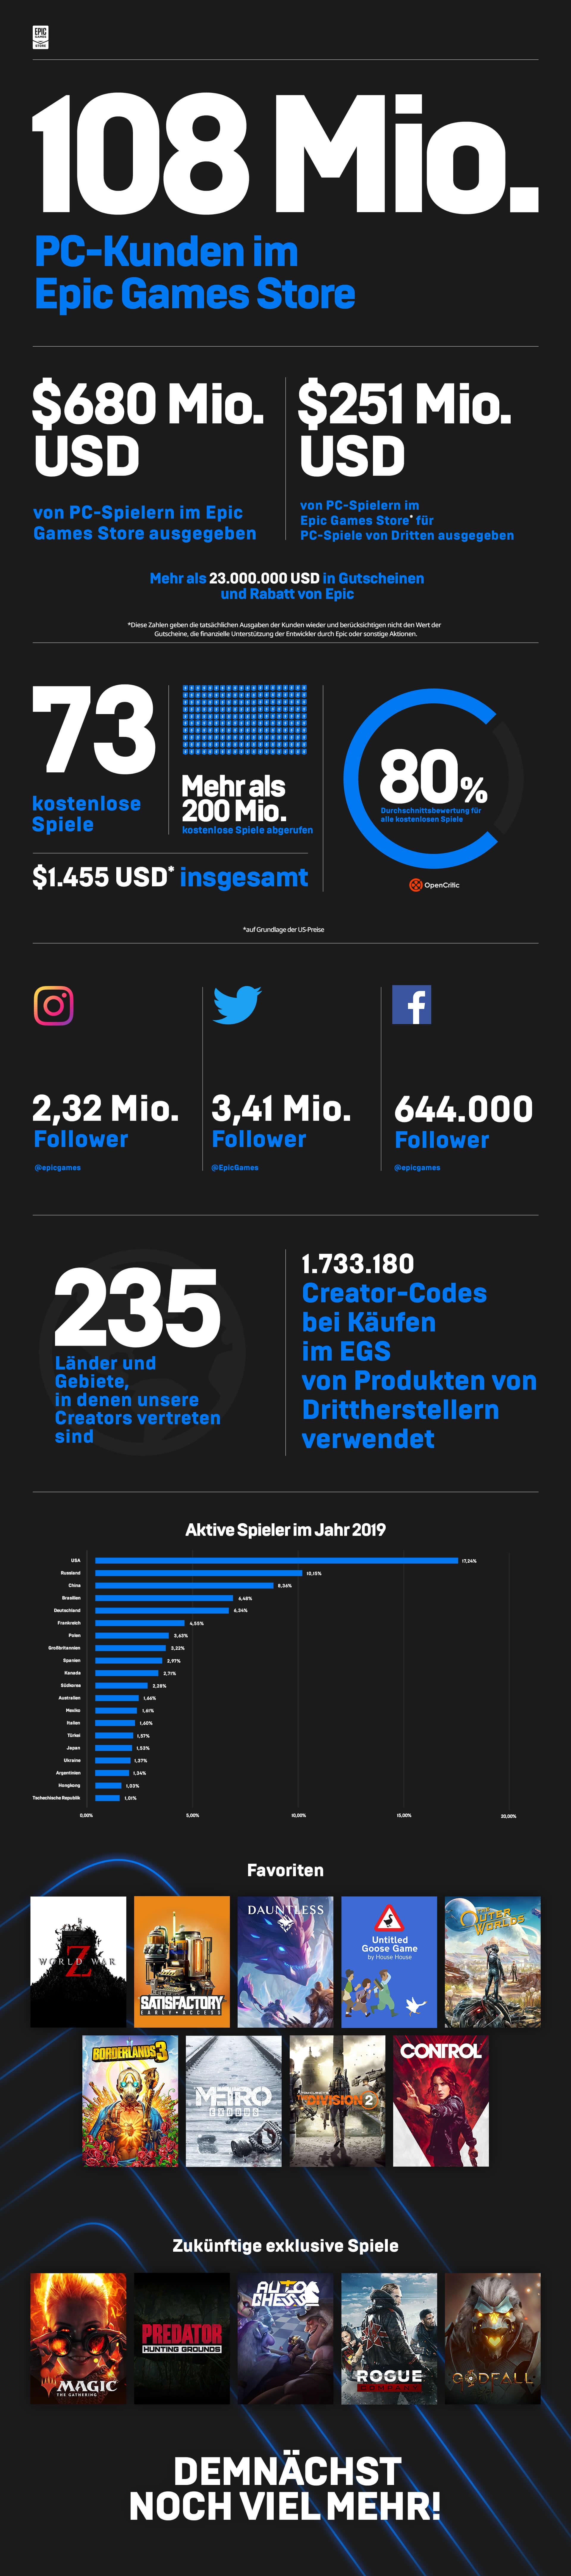 DE_EGS_Infographic.jpg